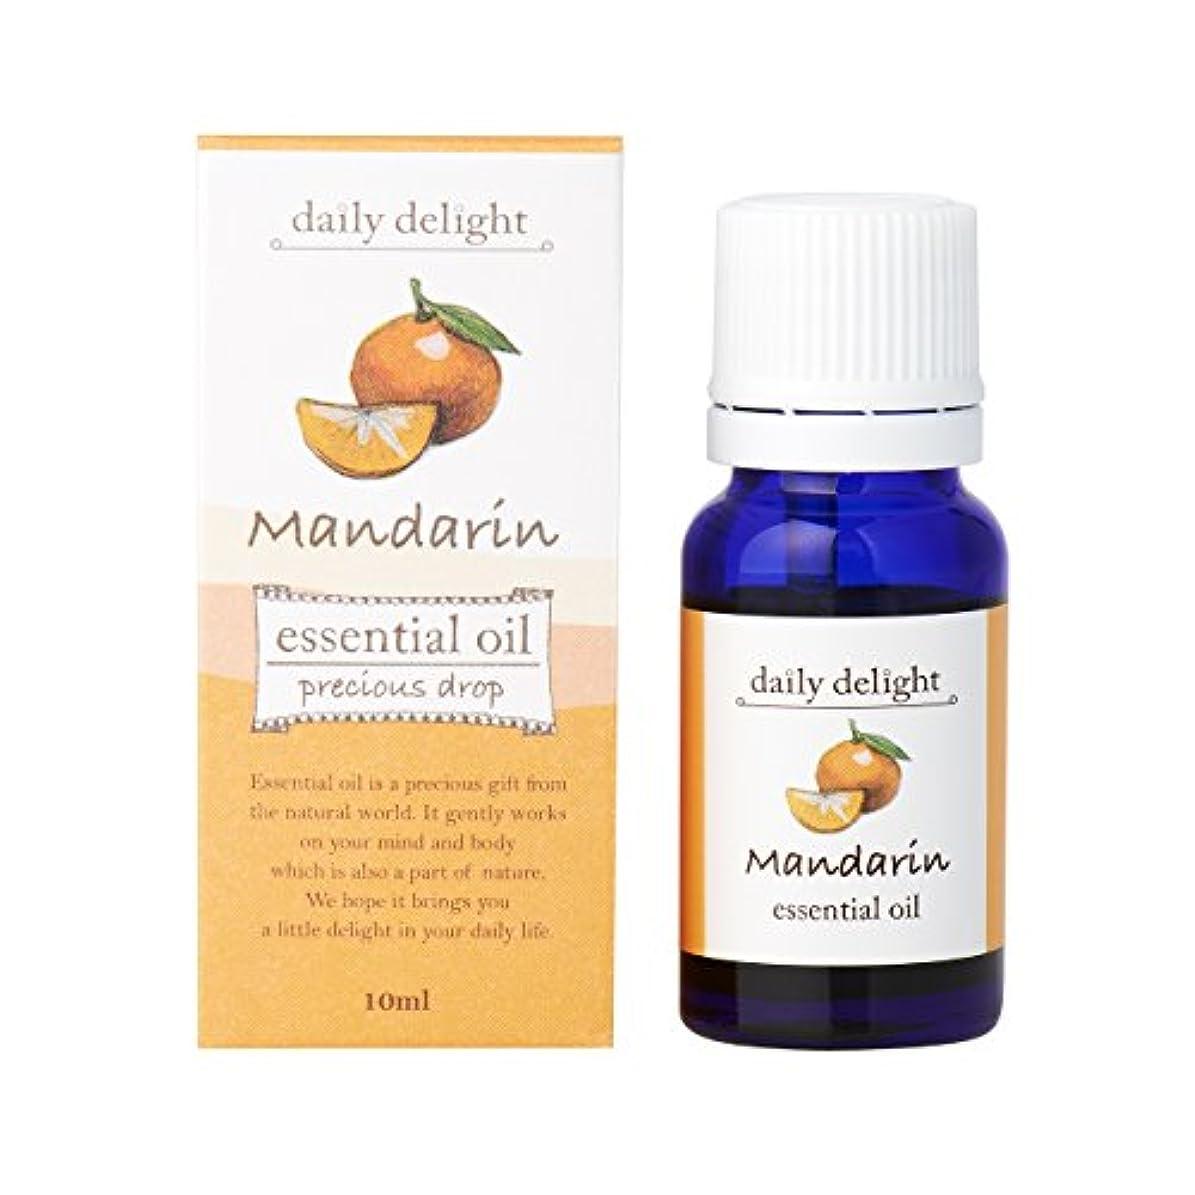 不均一ベイビーバルクデイリーディライト エッセンシャルオイル  マンダリン 10ml(天然100% 精油 アロマ 柑橘系 オレンジに似ているがより穏やかで落ち着いた印象の香り)